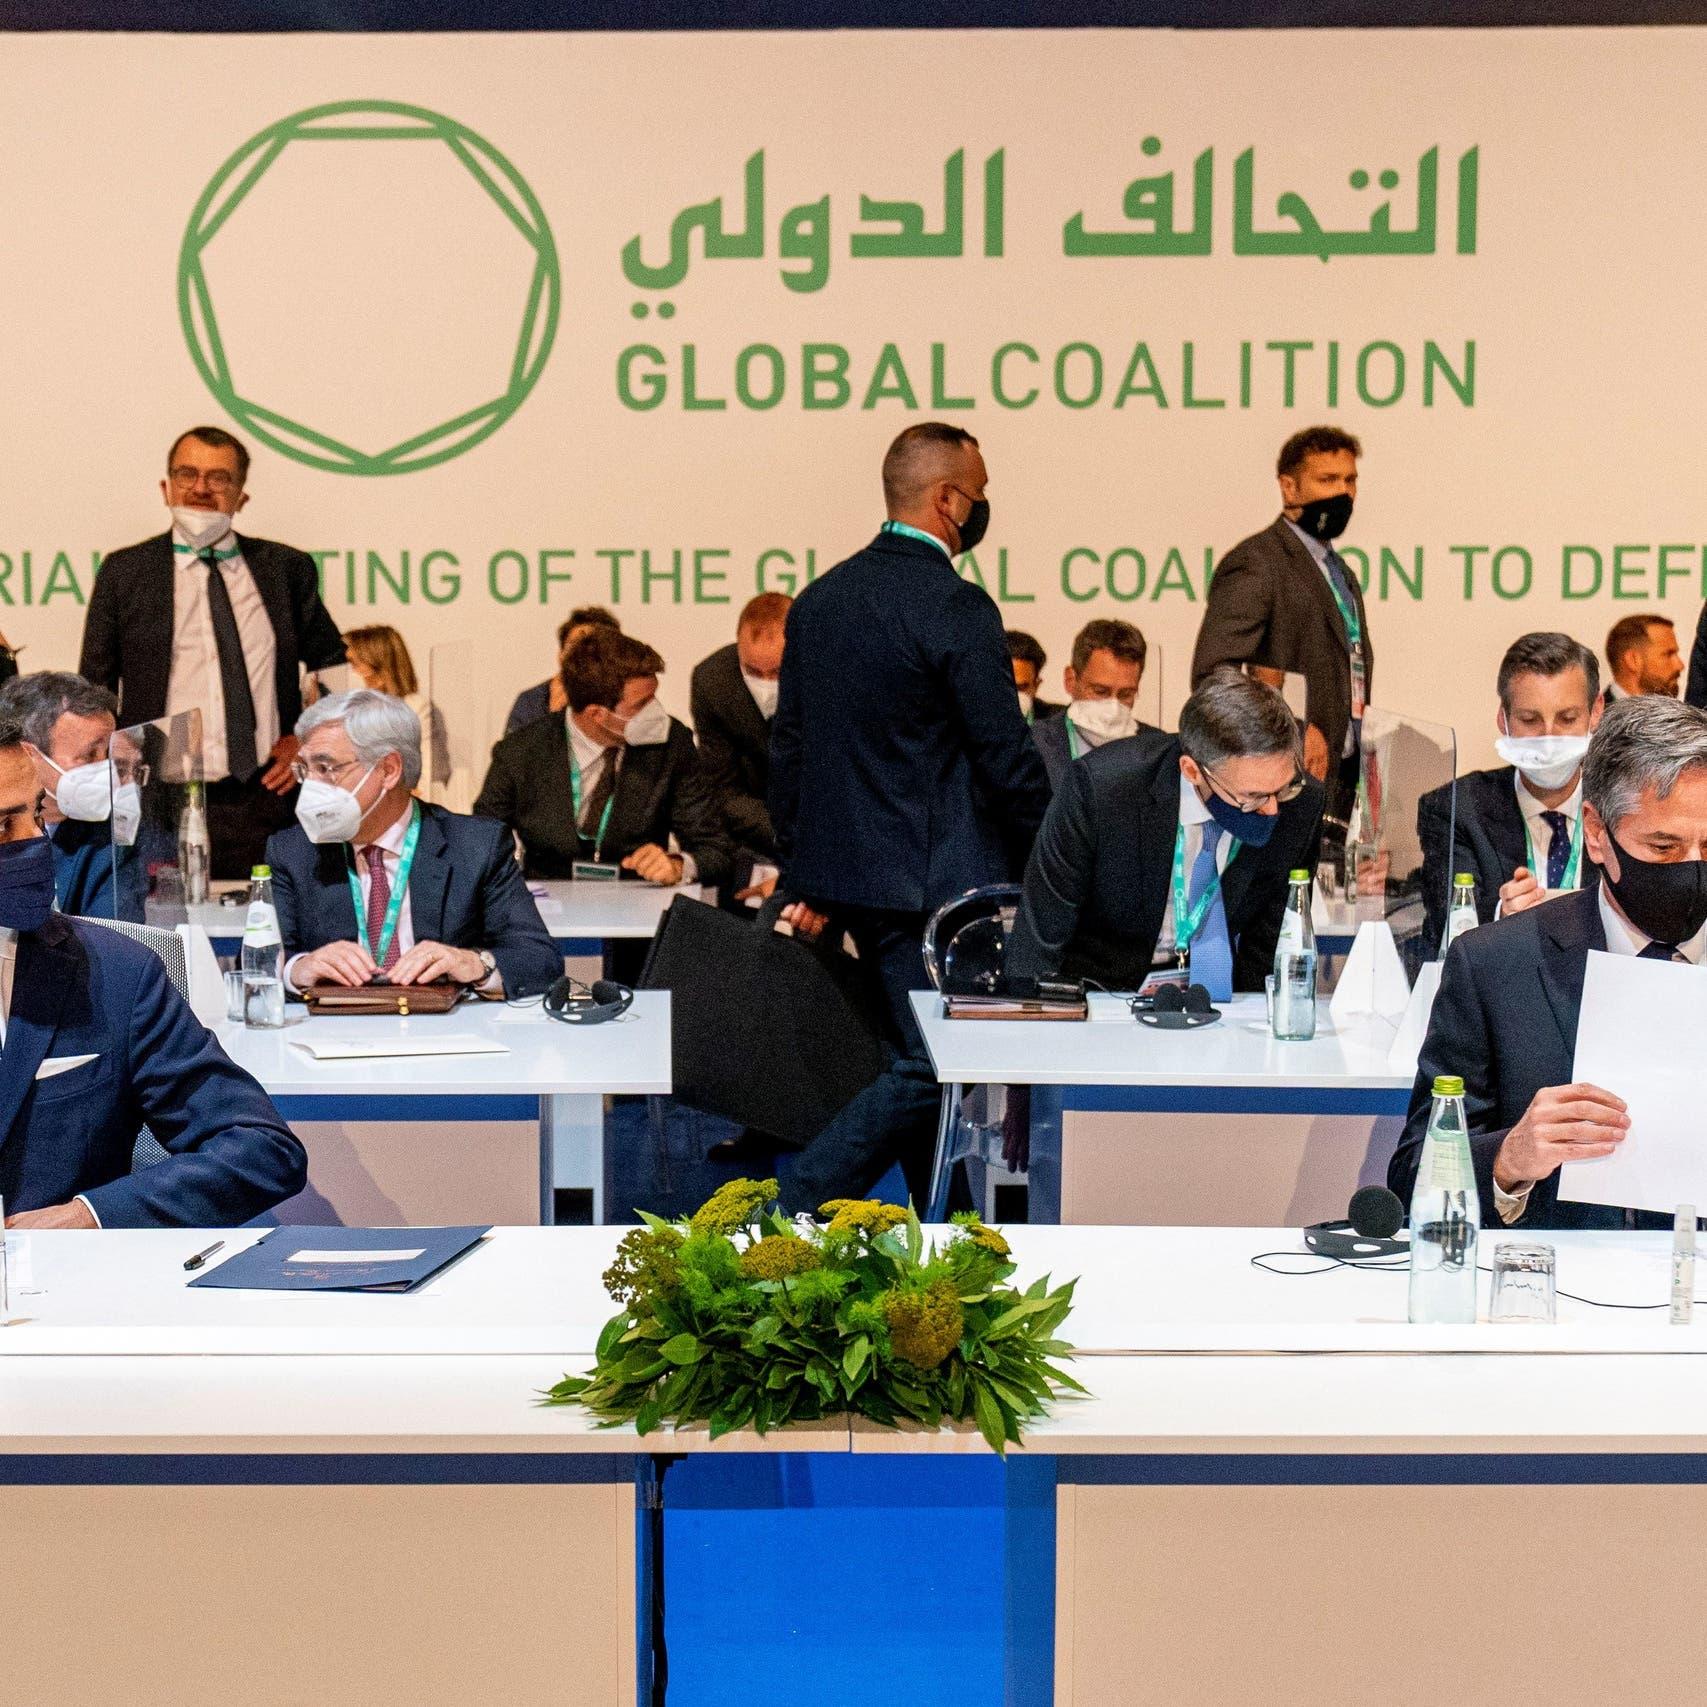 بيان دولي يدعو لوقف إطلاق النار في سوريا ودخول المساعدات